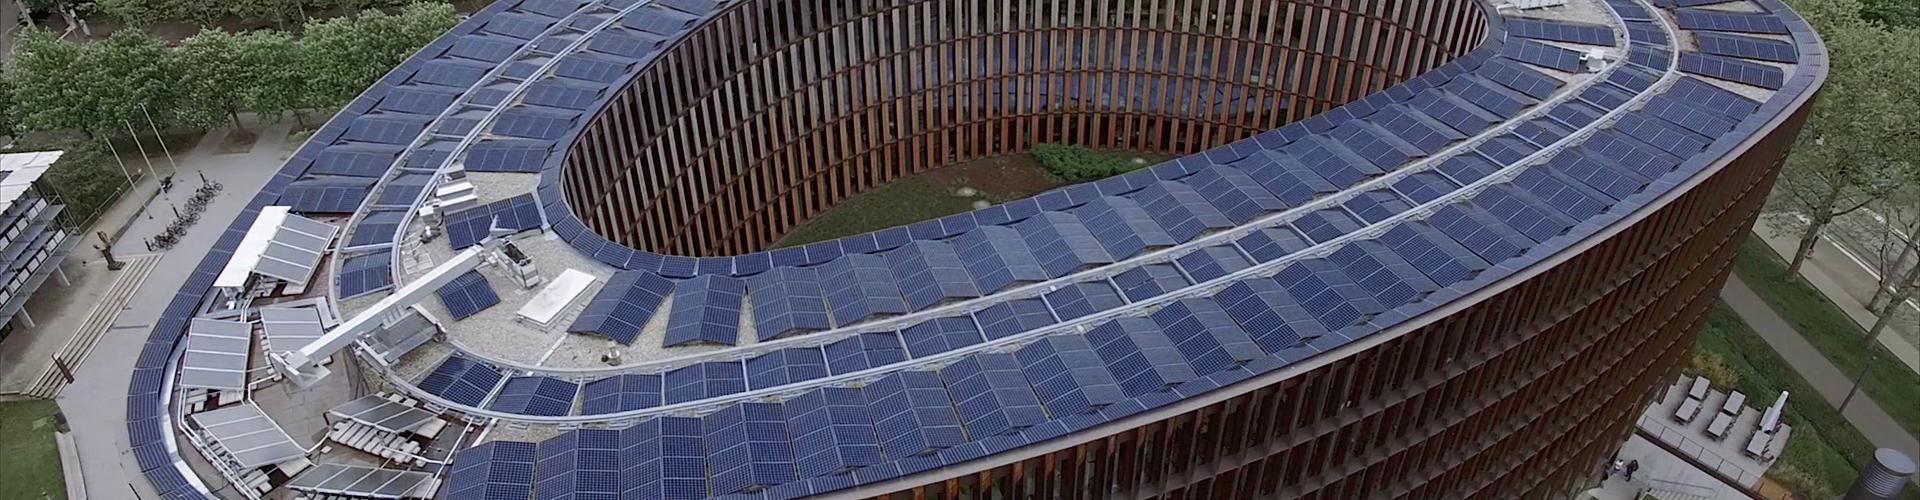 Hybridmodule auf dem Dach des Rathauses im Stühlinger in Freiburg erzeugen Strom und Wärme. ©Fraunhofer ISE